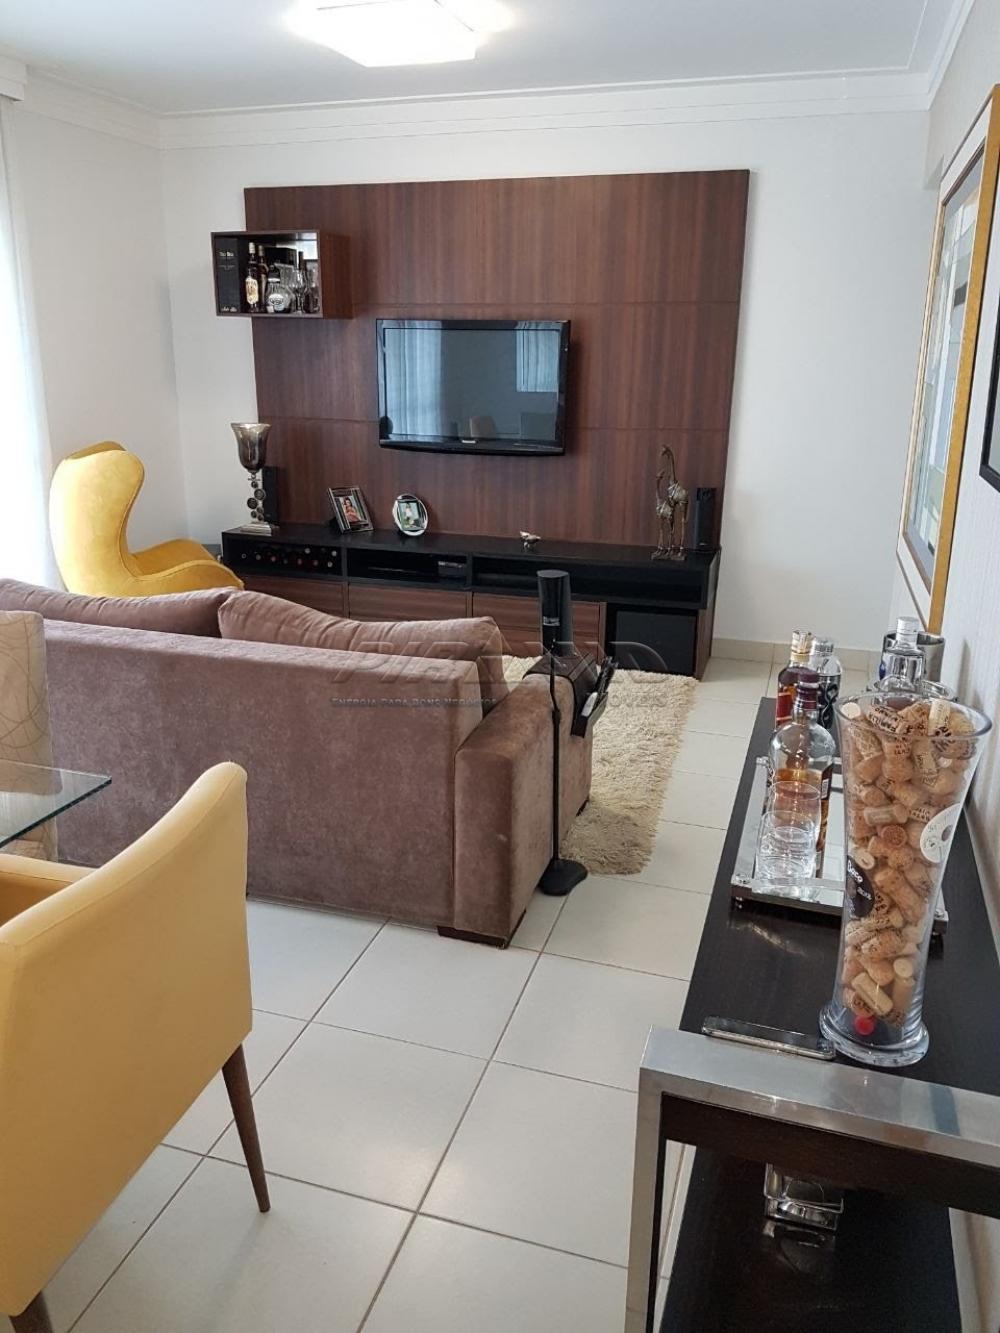 Comprar Apartamento / Padrão em Ribeirão Preto apenas R$ 480.000,00 - Foto 4